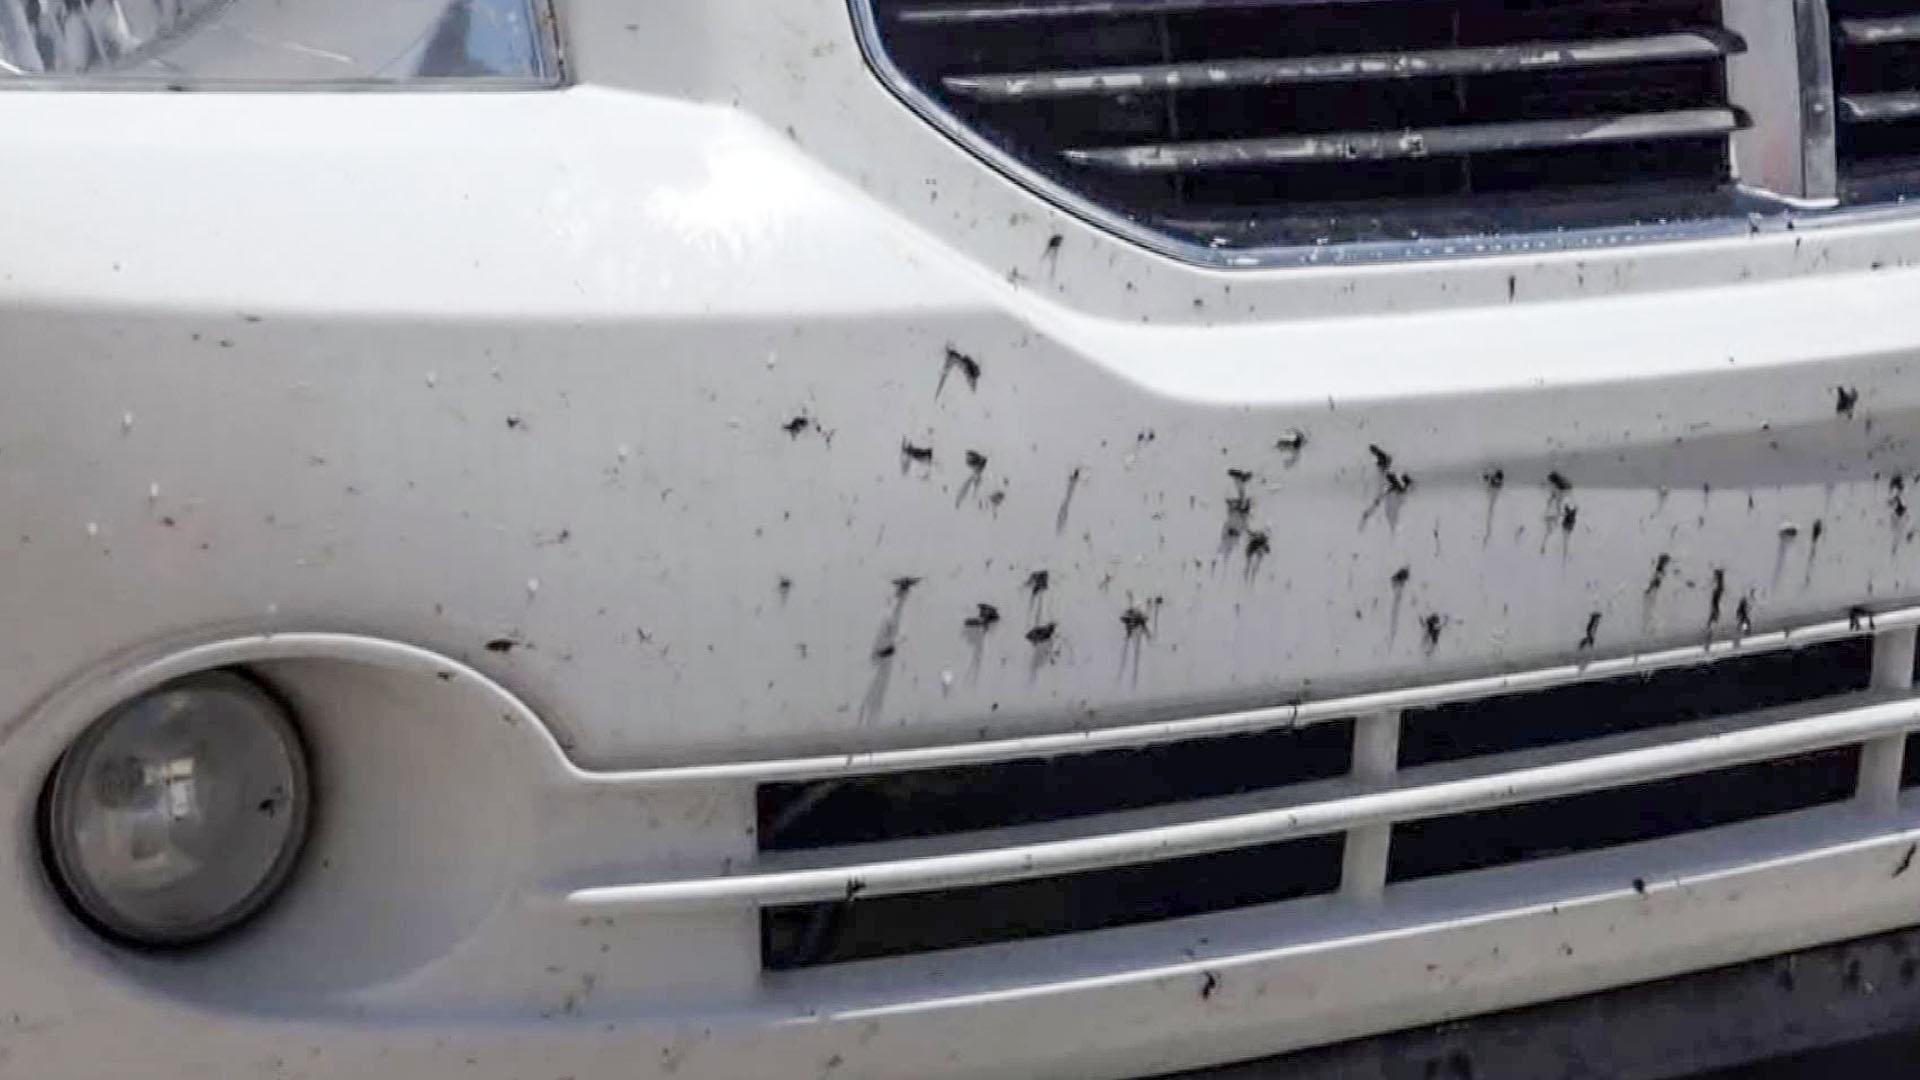 Остатоците од инсекти на возилото треба да се отстранат што е можно поскоро за да се спречи оштетување на бојата!